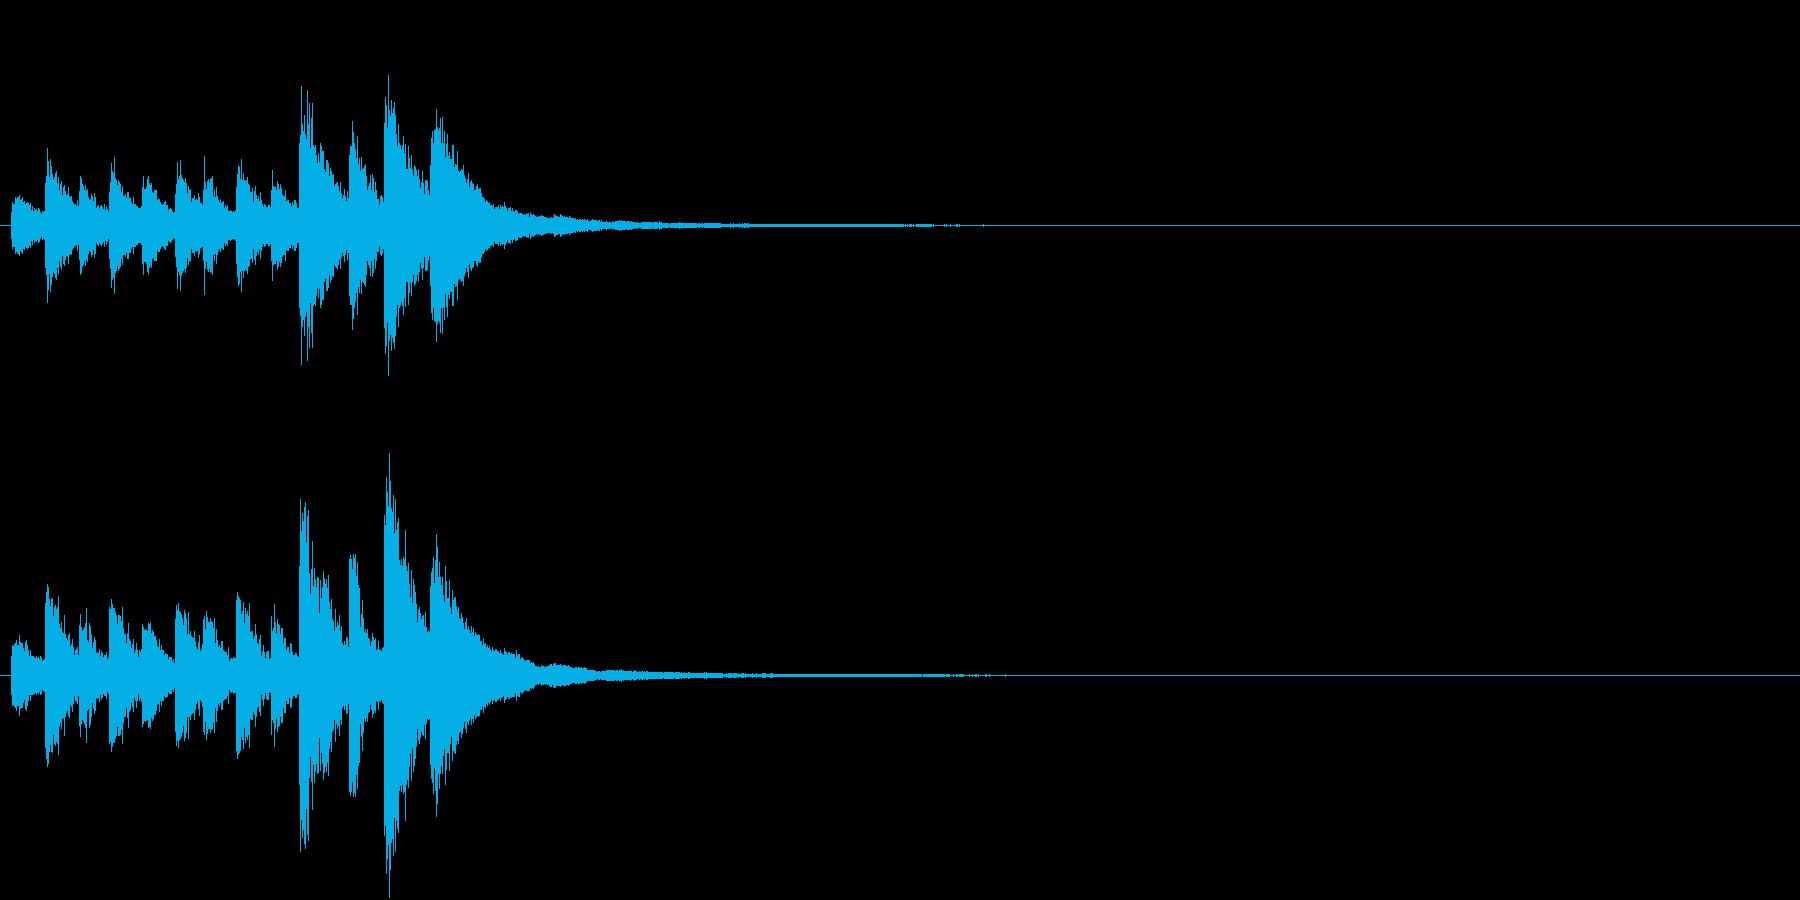 音侍「チチチ…」囃子当り鉦の連打リバーブの再生済みの波形